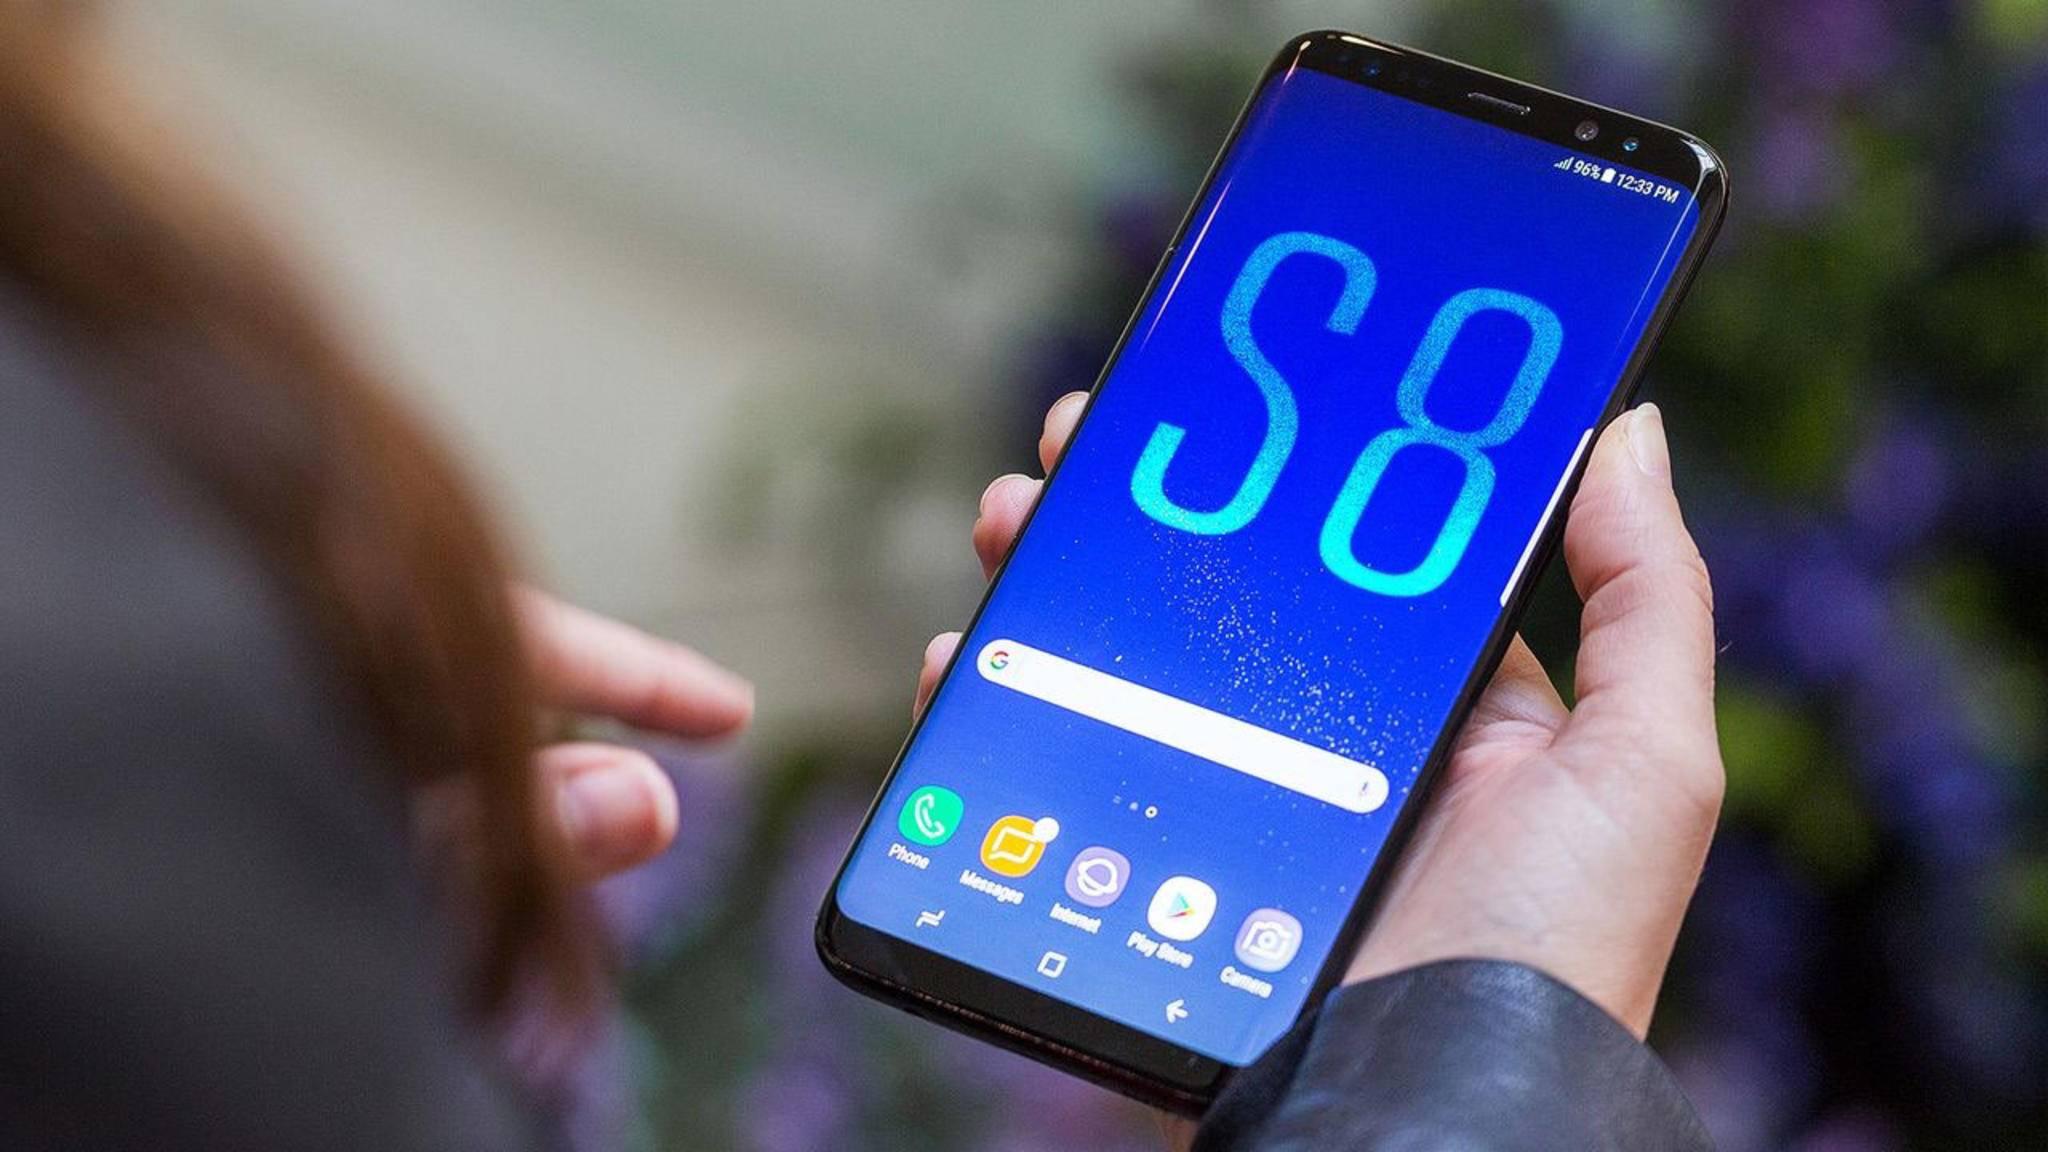 Die Master-Synchronisierung ist auf Samsung-Smartphones für die Aktualisierung von Google-Diensten zuständig.